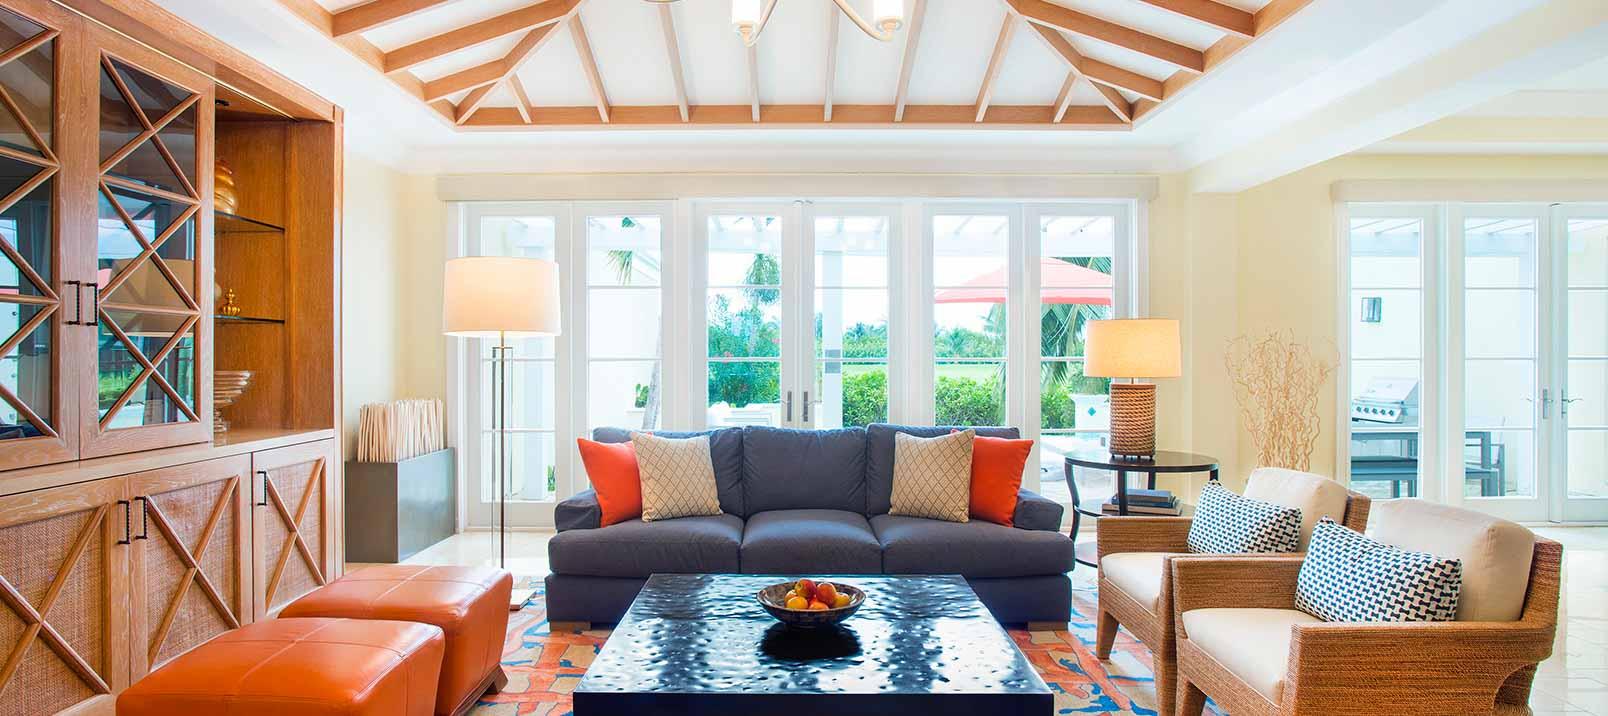 er-residence-header-disp-residence-grand-cayman-7.jpg